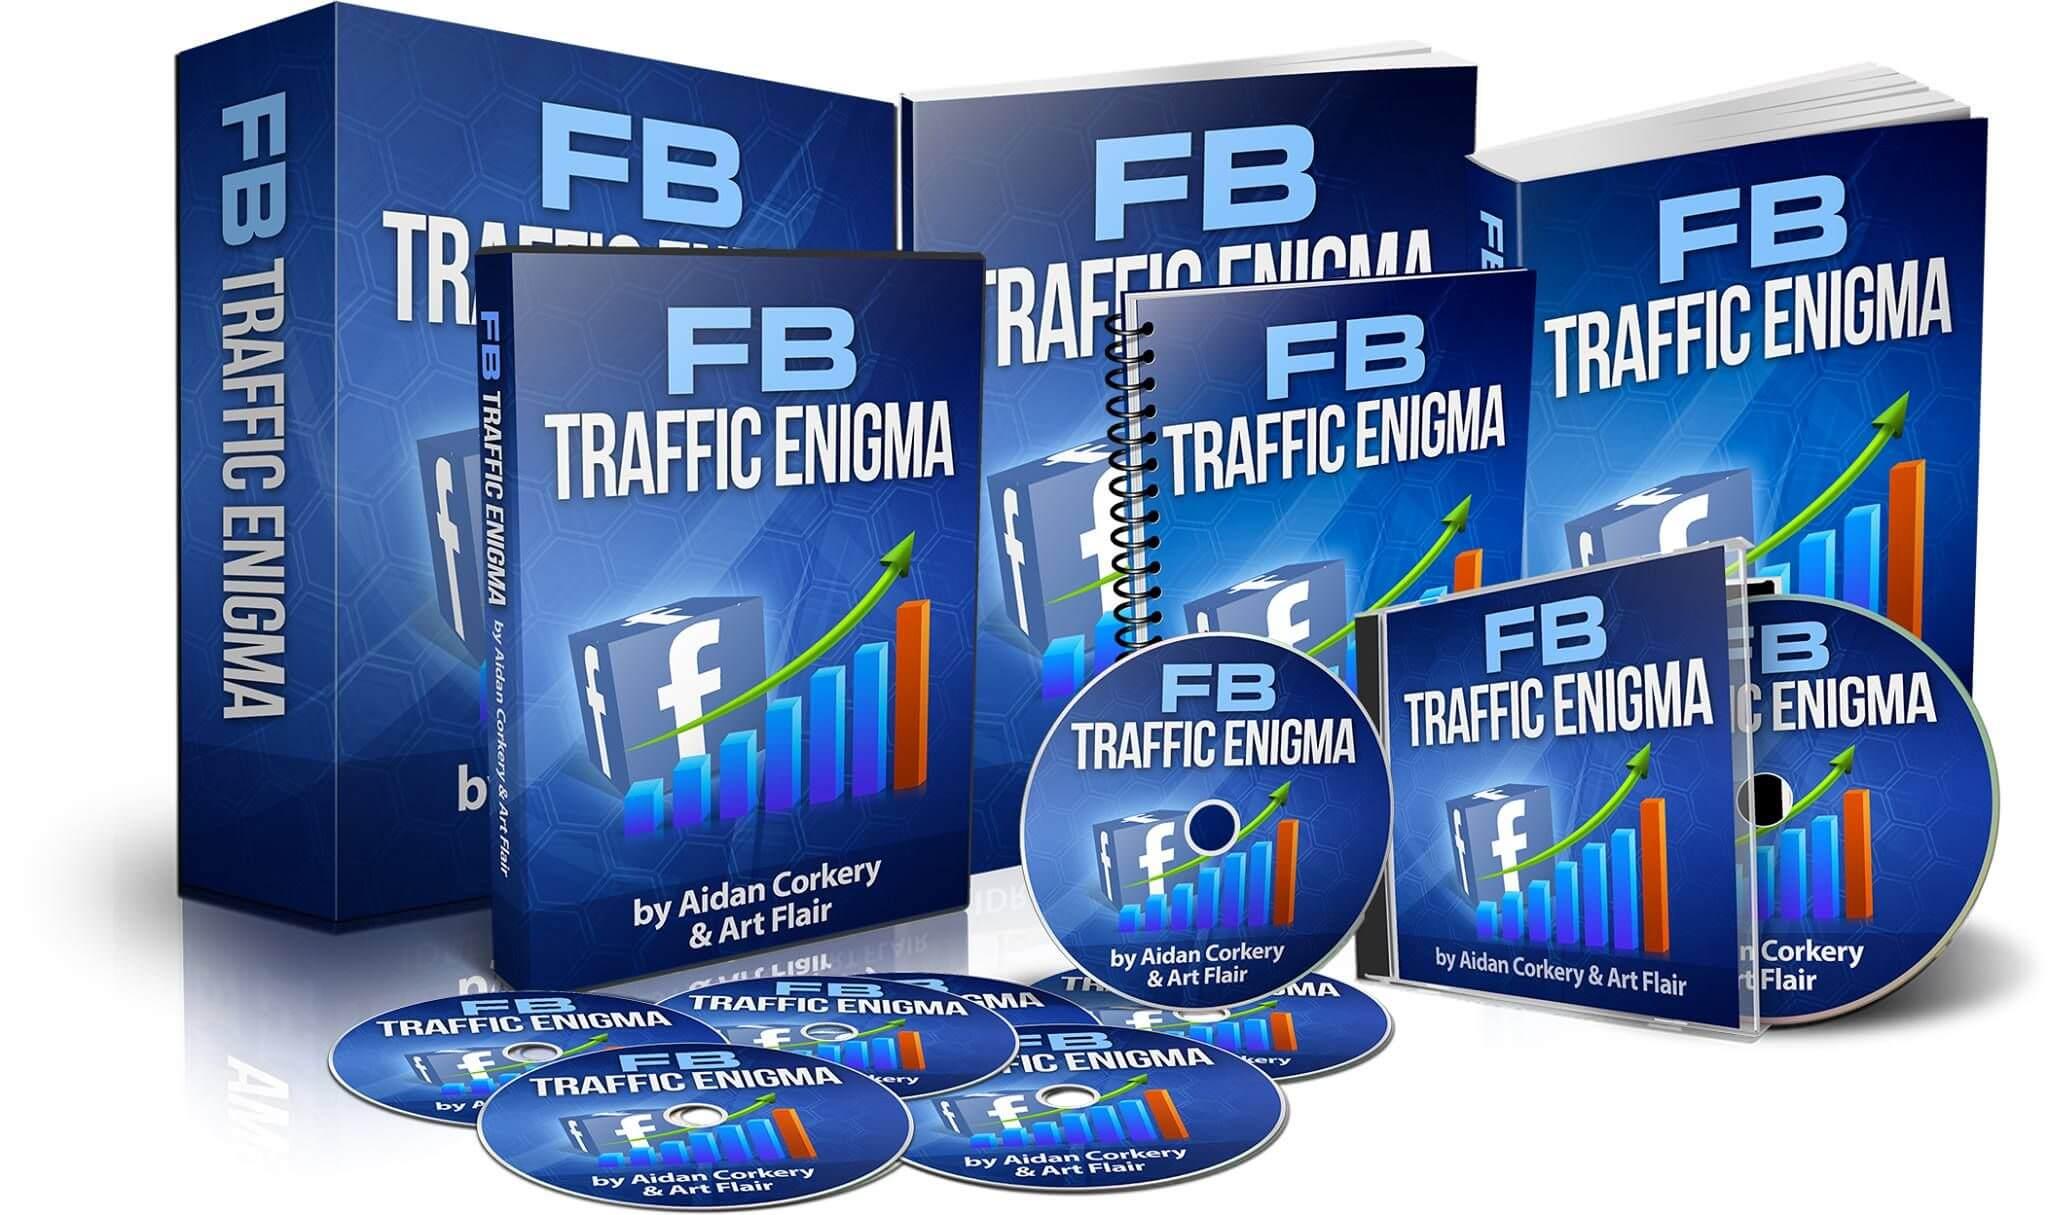 12. FB Traffic Enigma